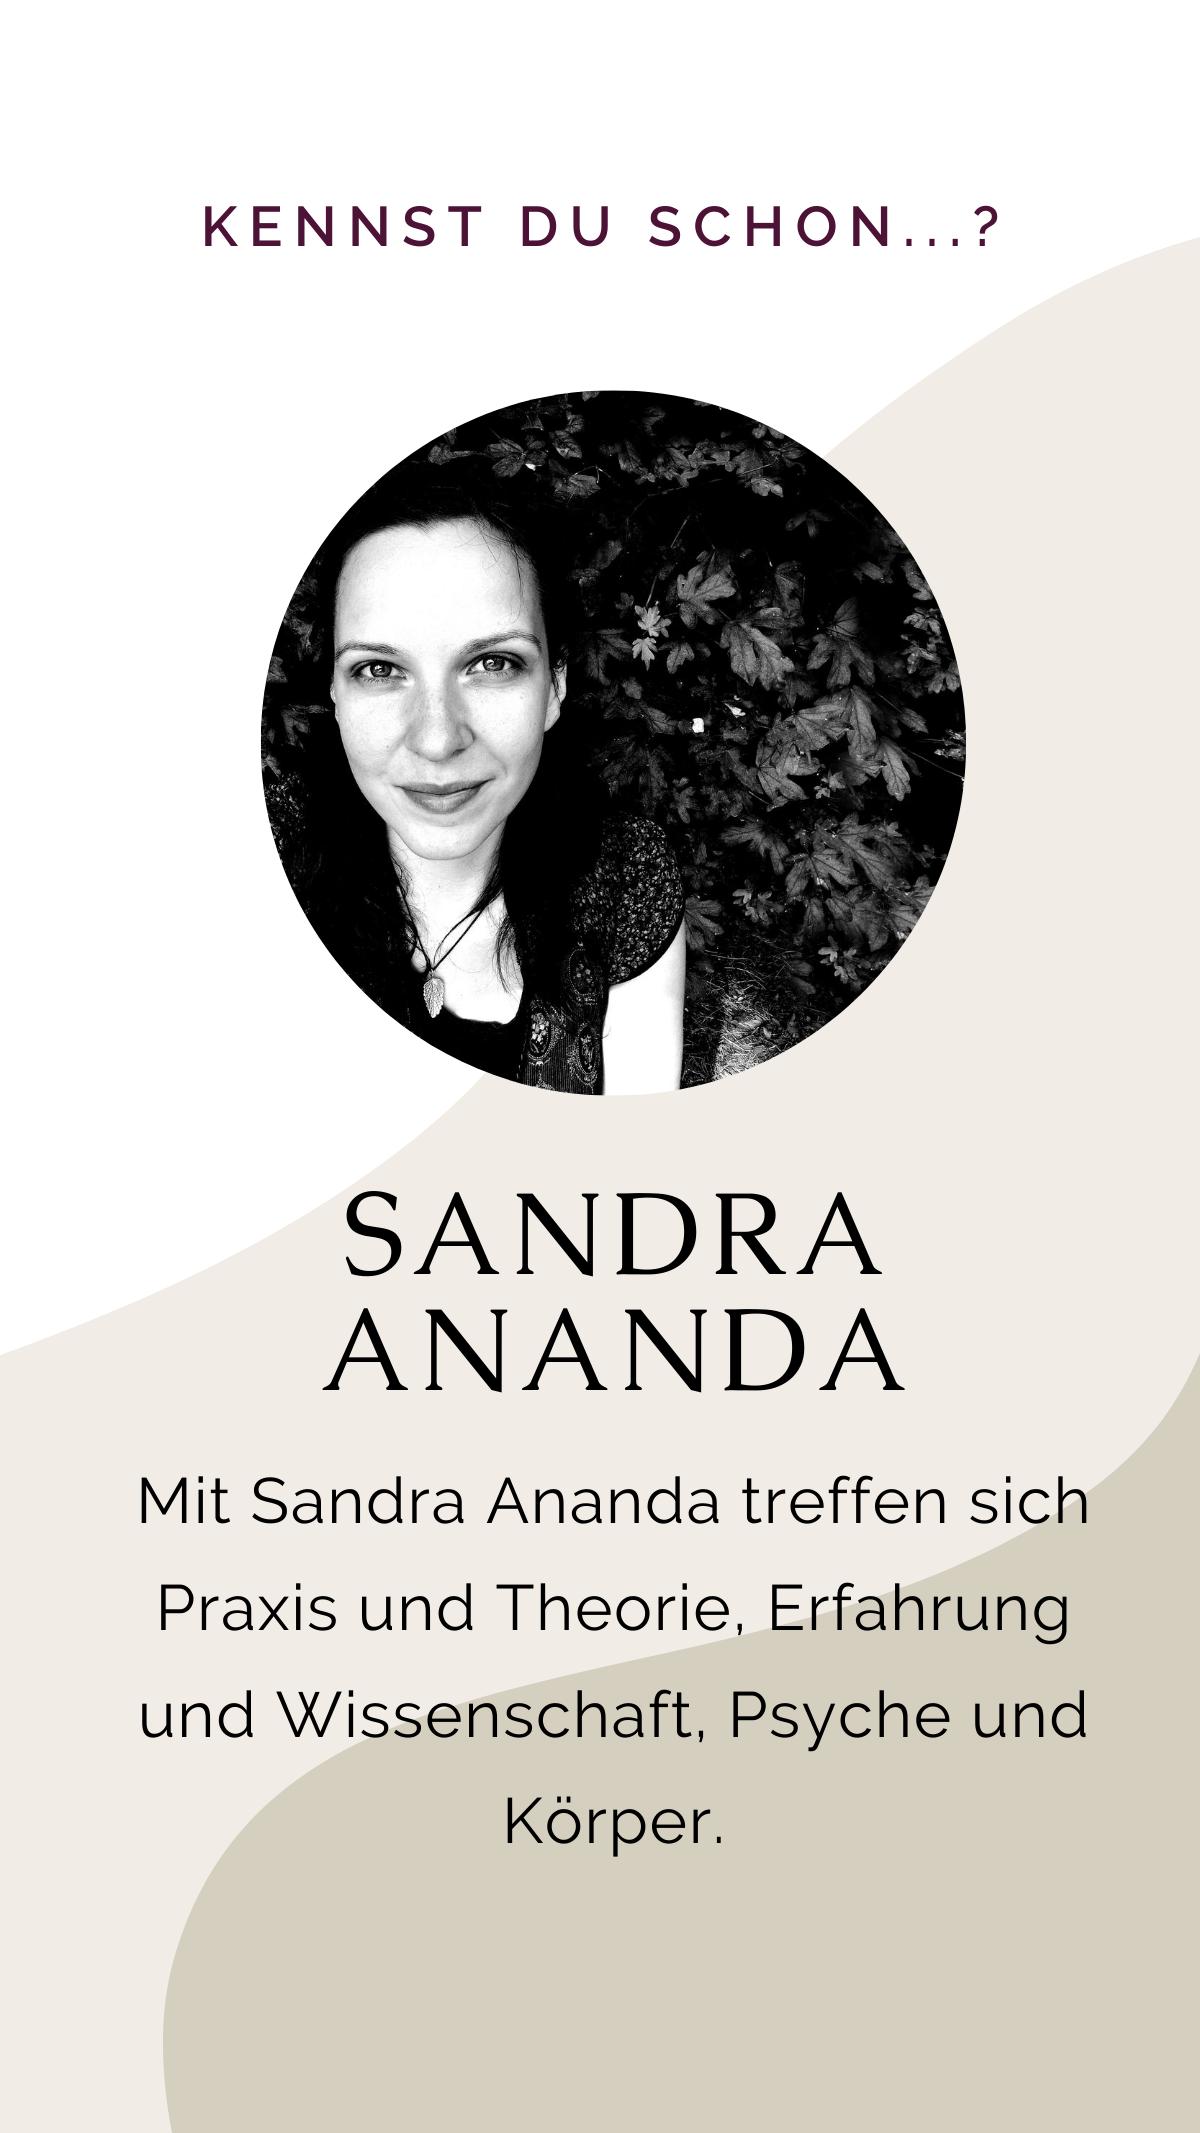 Über Sandra Ananda